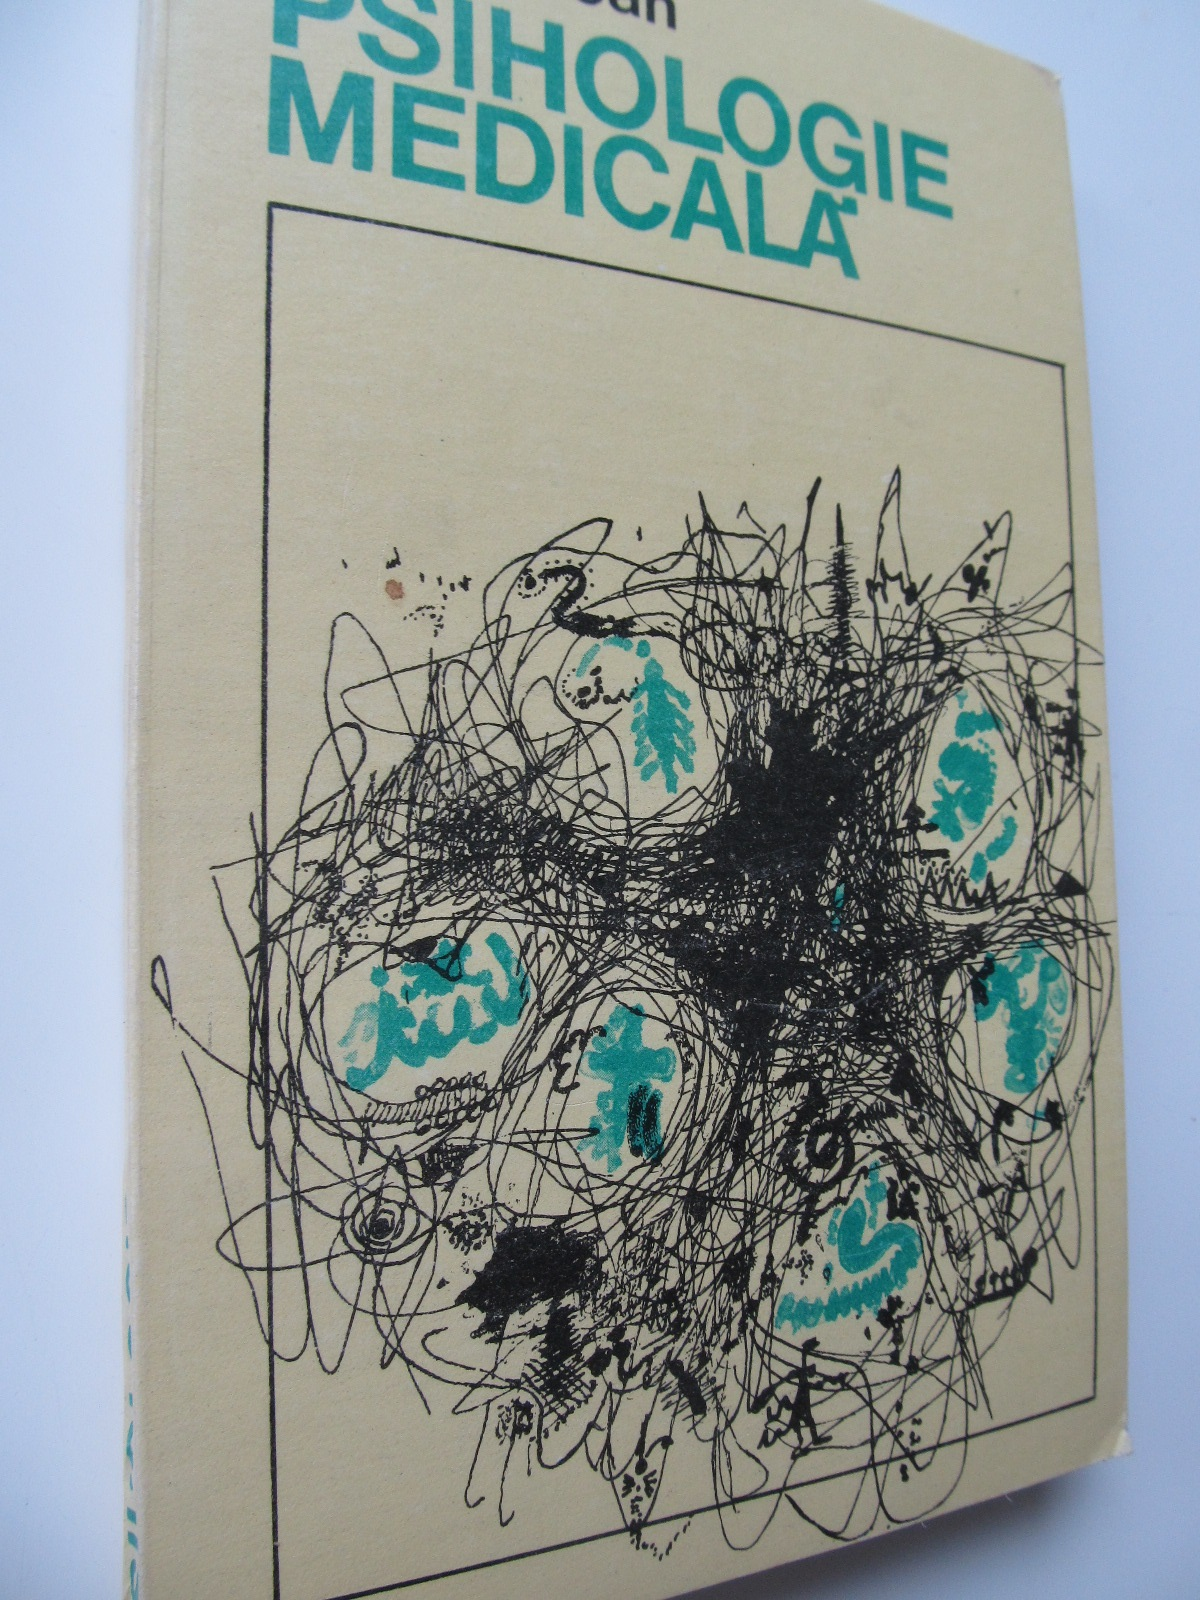 Psihologie medicala - Cucu C. Ioan | Detalii carte